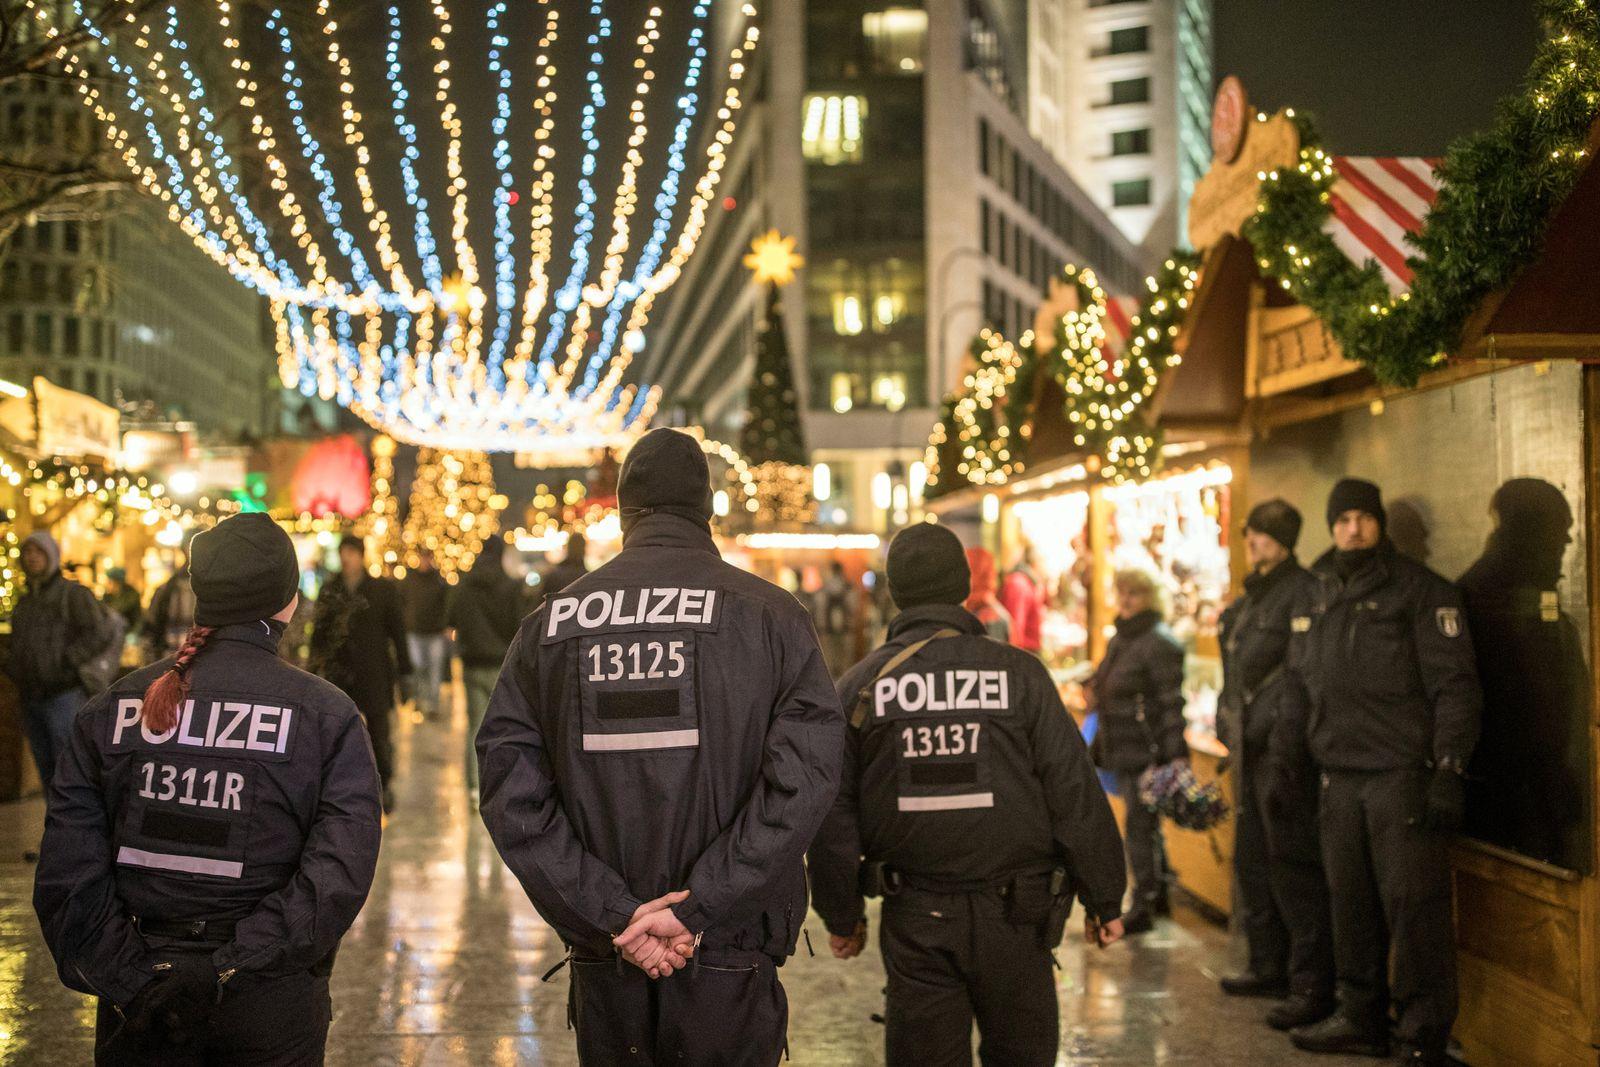 Weihnachtsmarkt am Breitscheidplatz/ Polizei